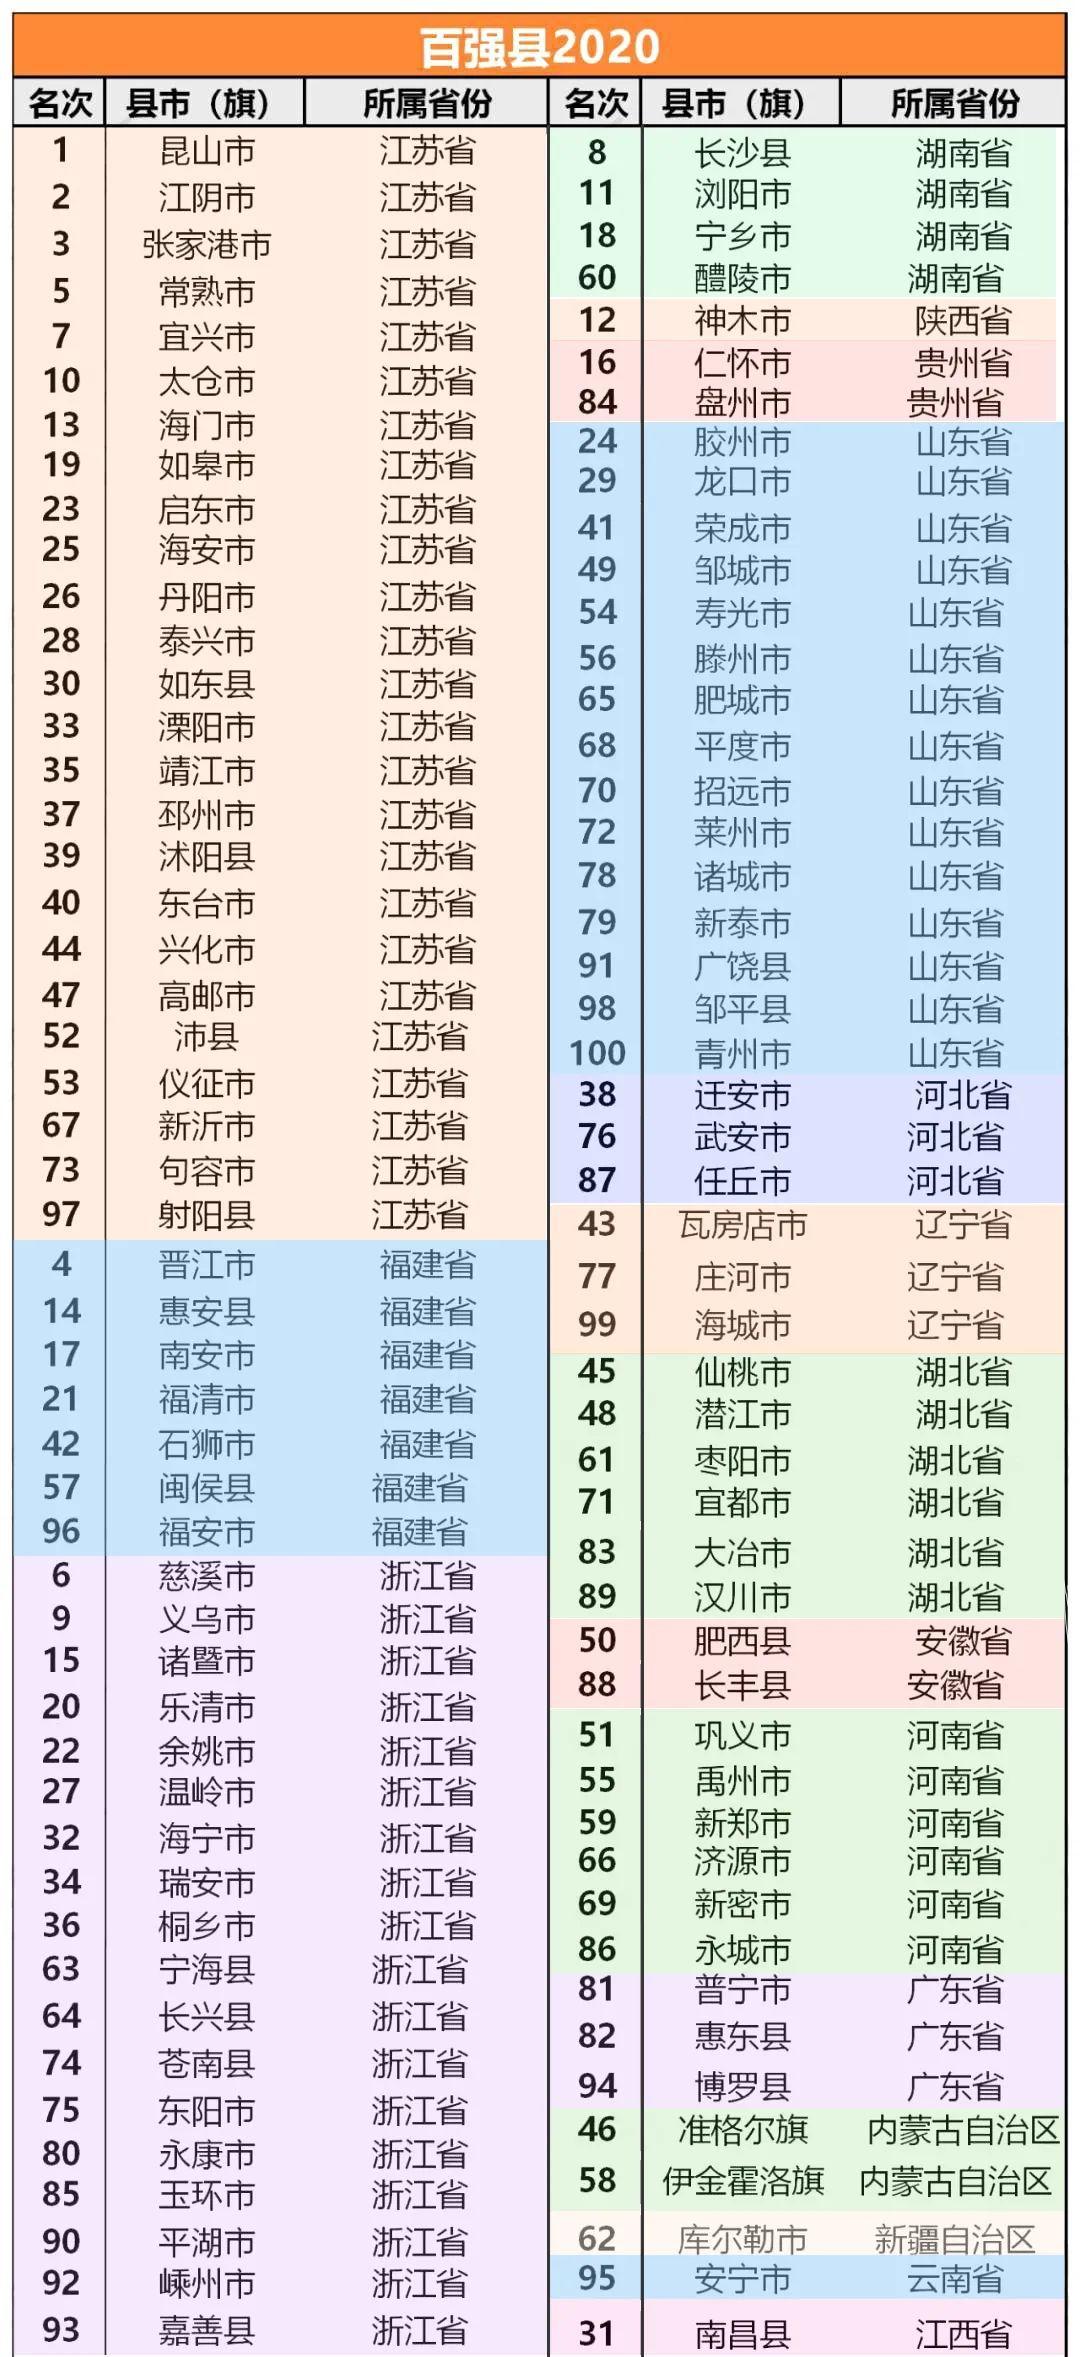 2020年gdp昆山_2020年昆山房价图